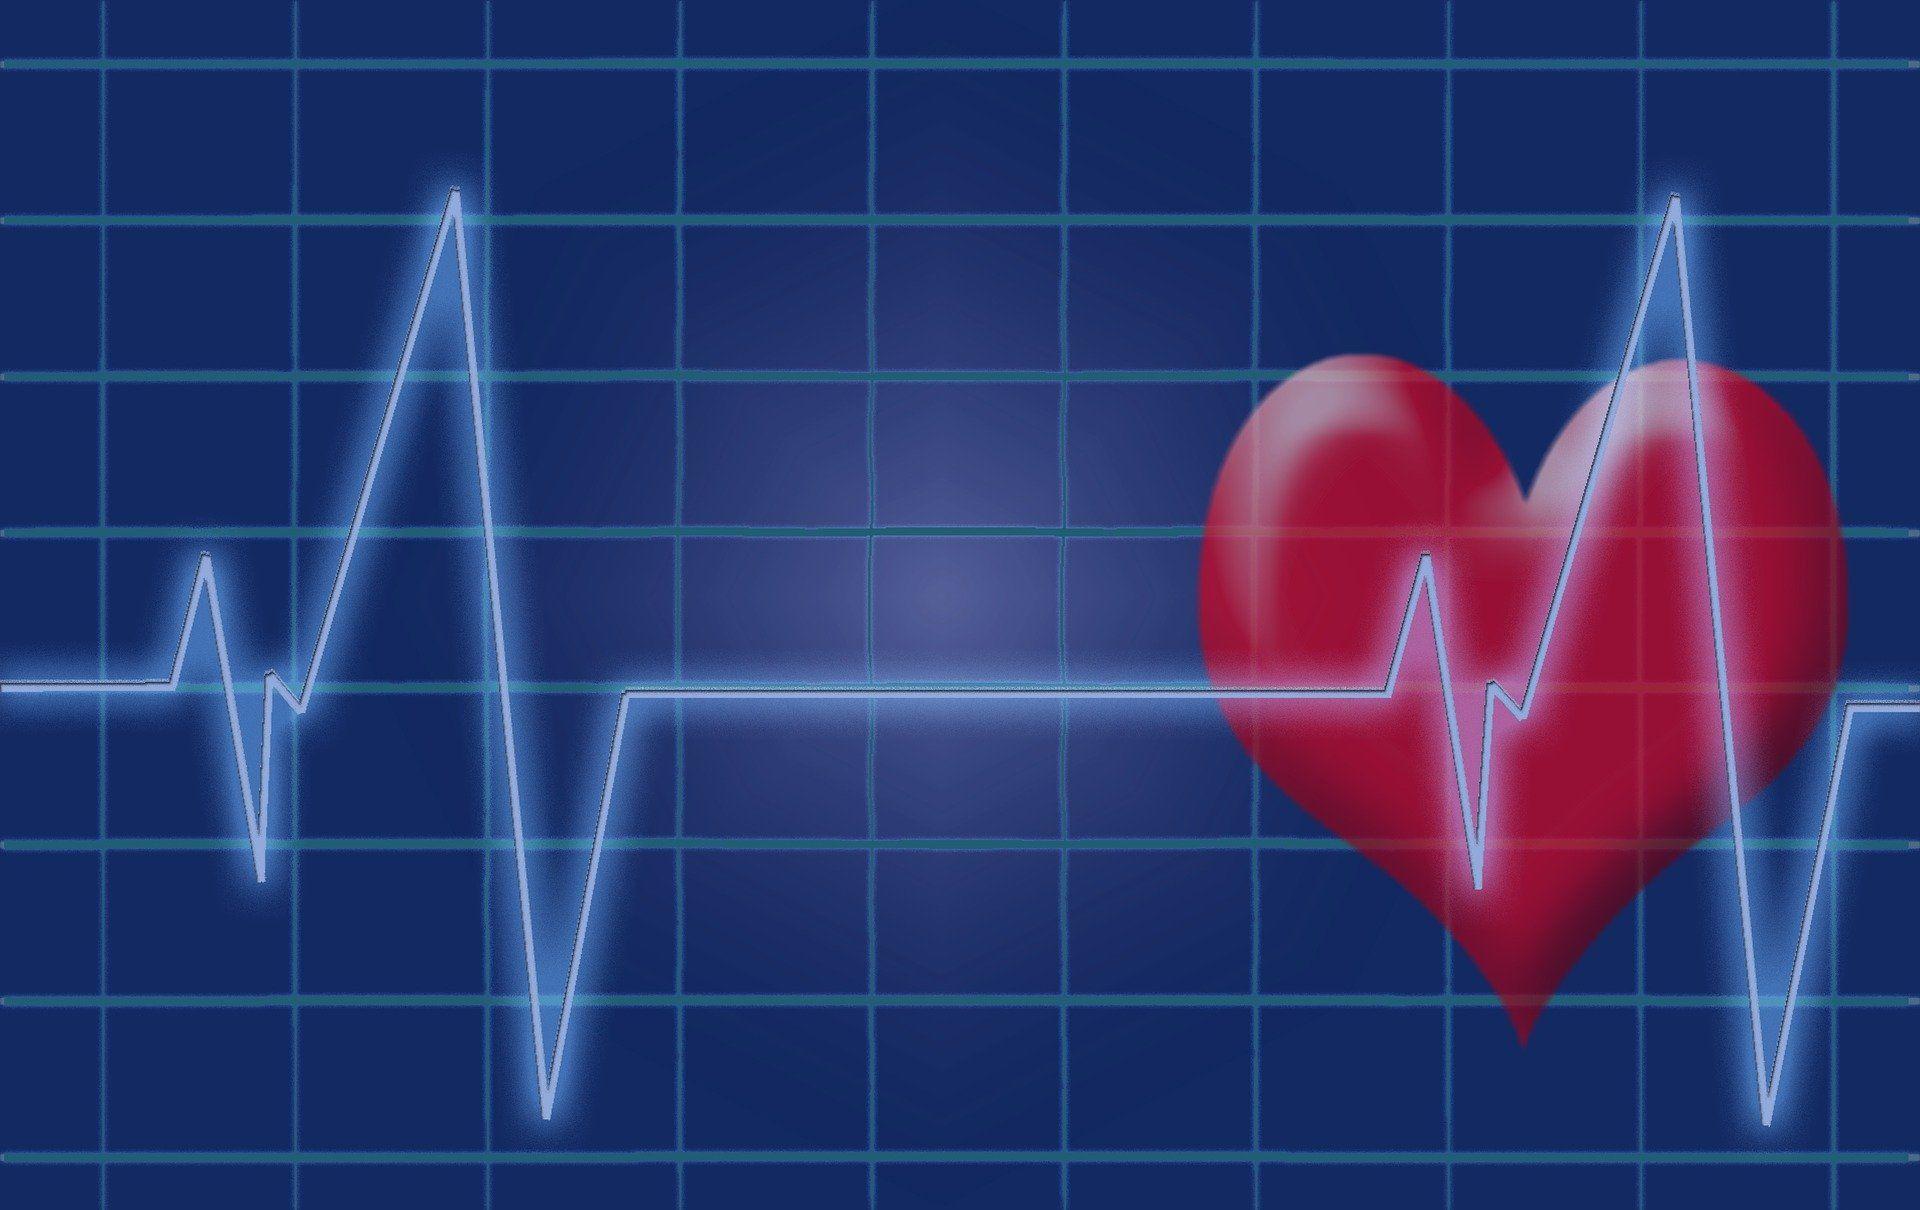 Širdies ir kardiogramos vaizdas